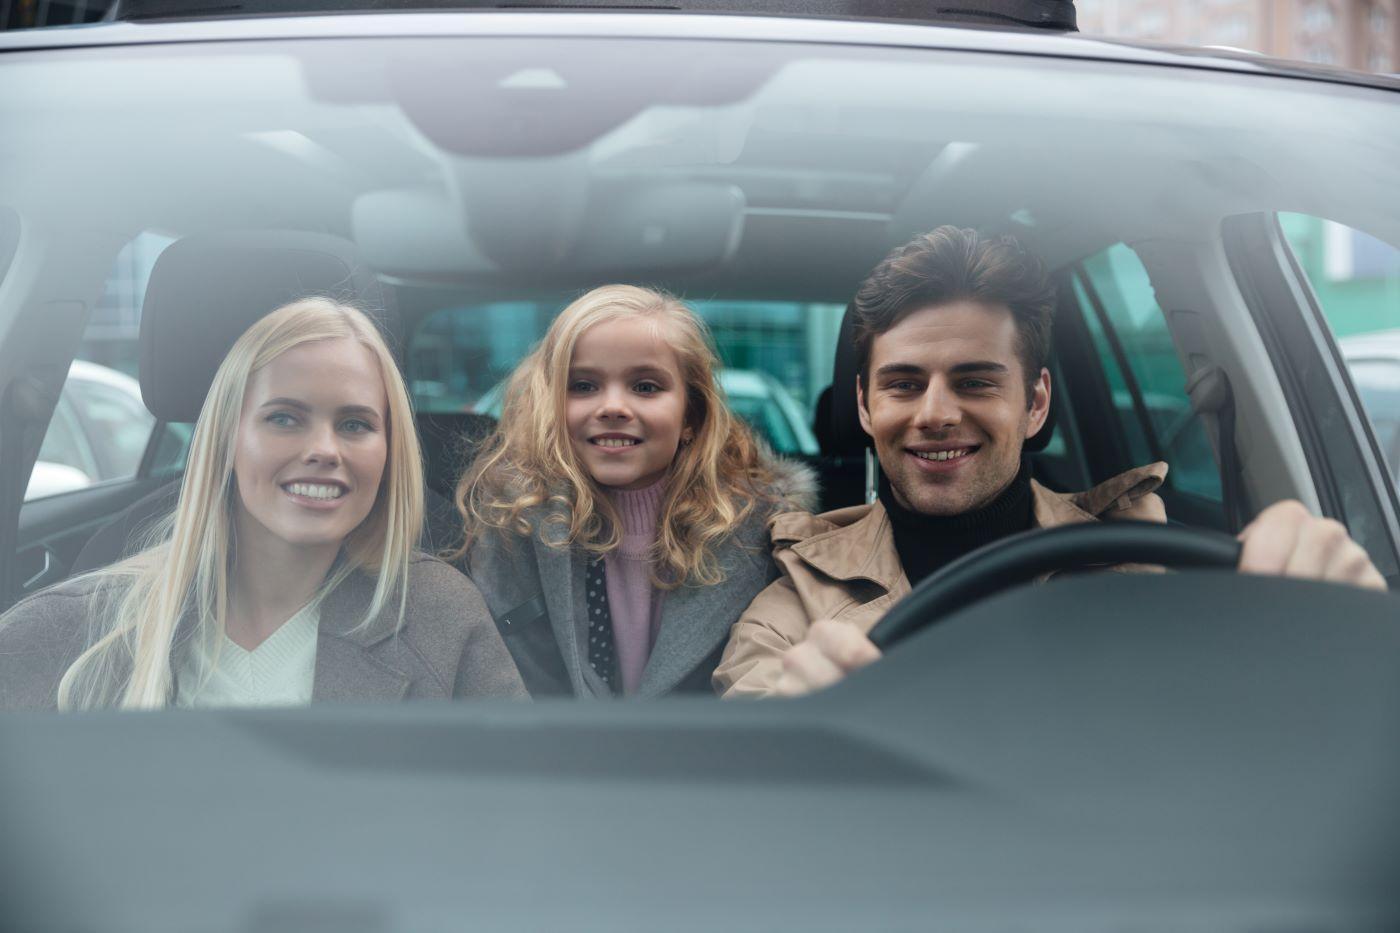 Πόσα άτομα επιτρέπονται σε αυτοκίνητα λόγω κορονοϊού;